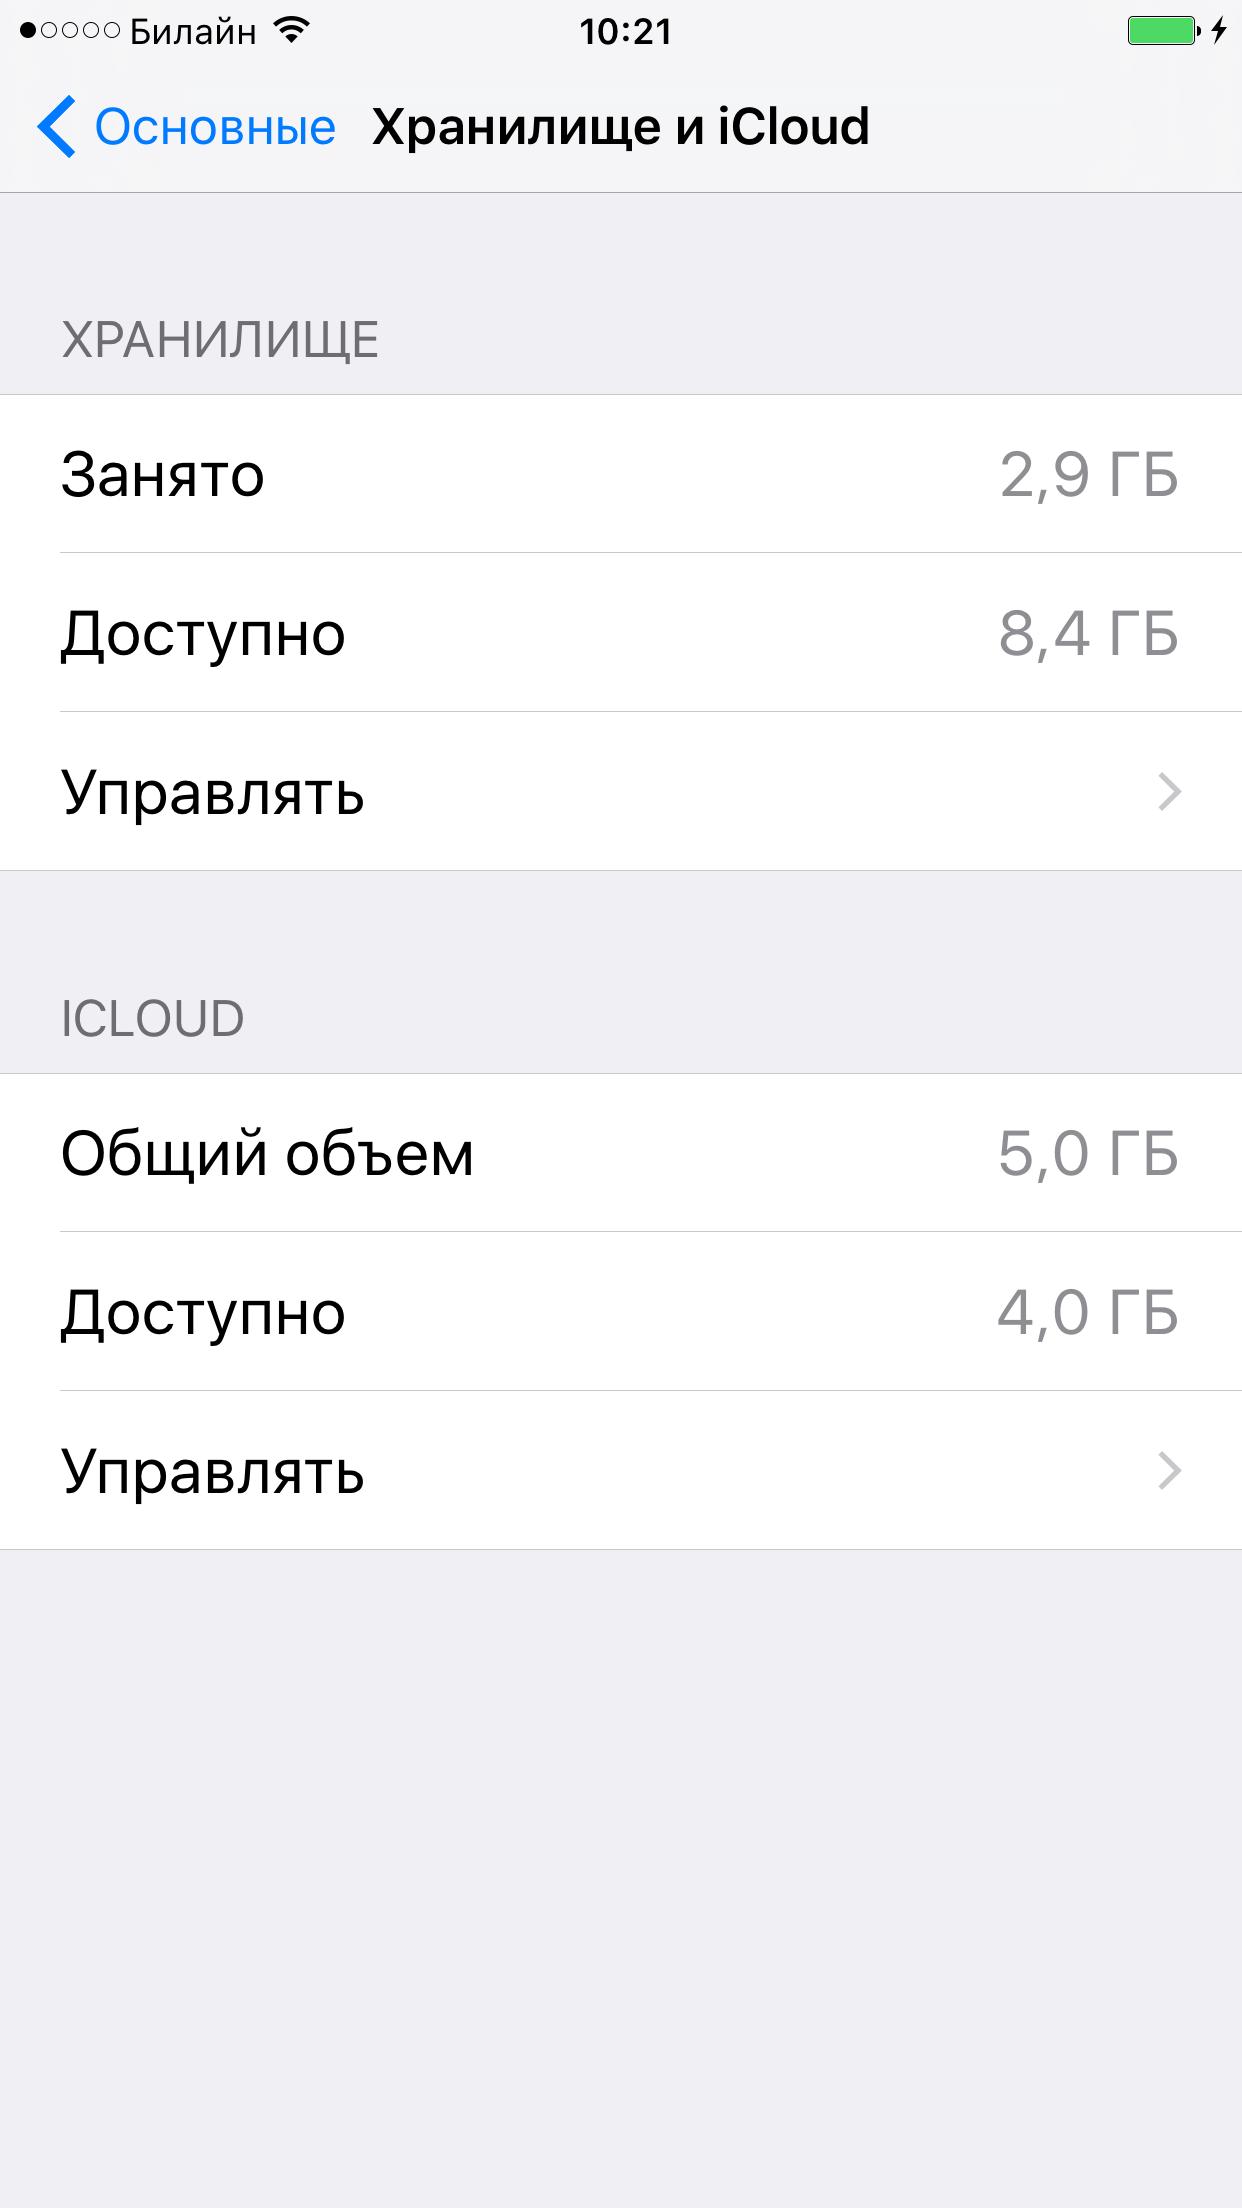 Хранилище на iPhone после очистки